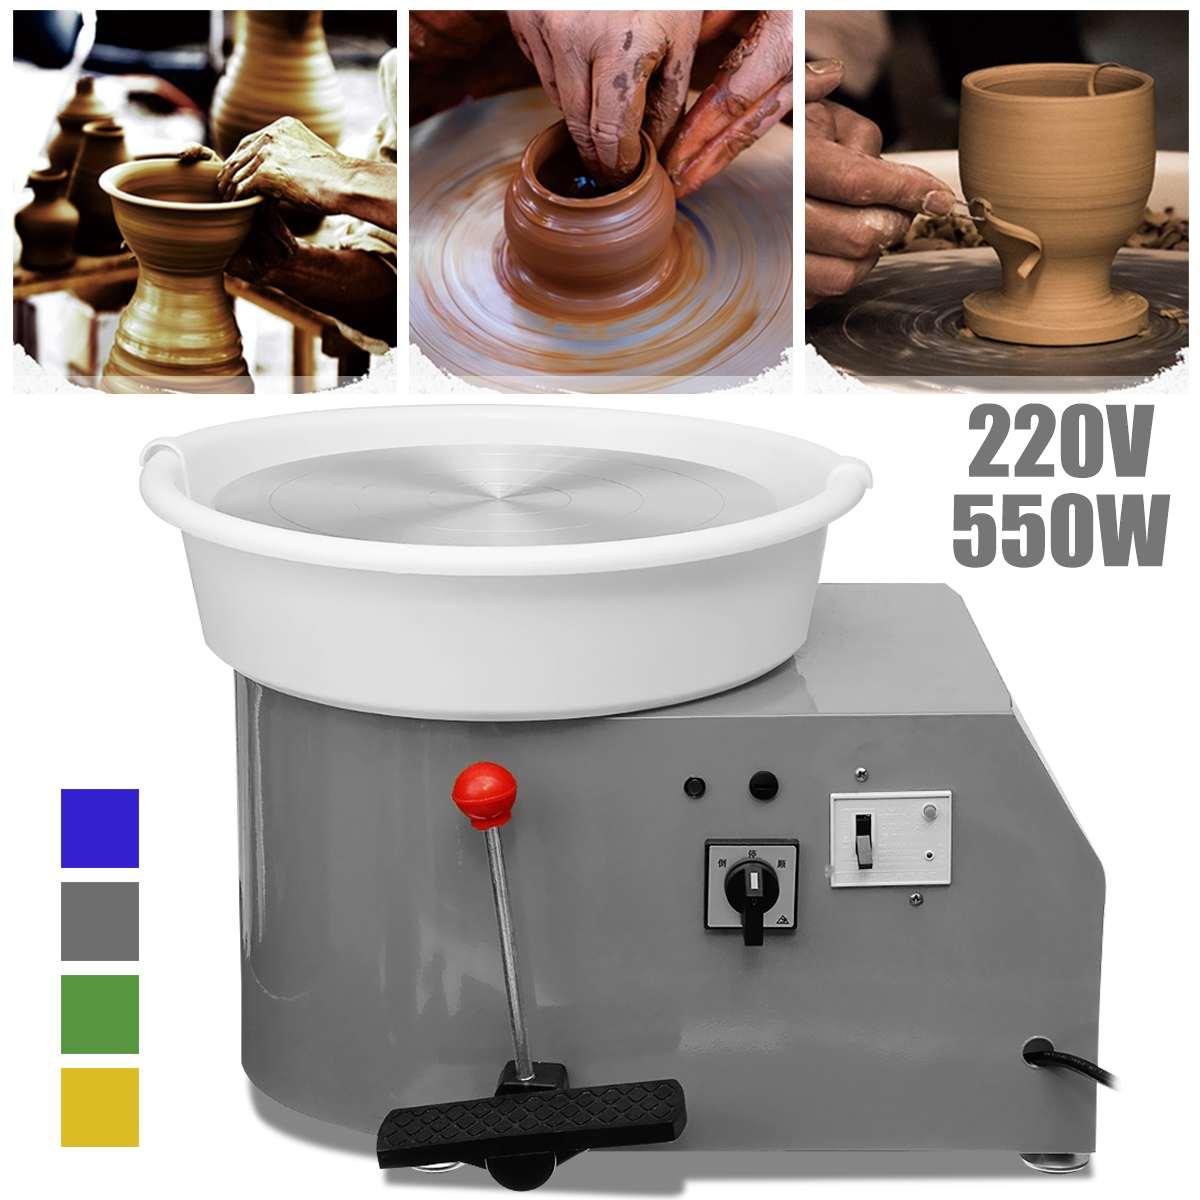 Machine en céramique de roue de poterie électrique de 220 V 550 W Kit de potier d'argile en céramique de 300mm pour la céramique de travail en céramique